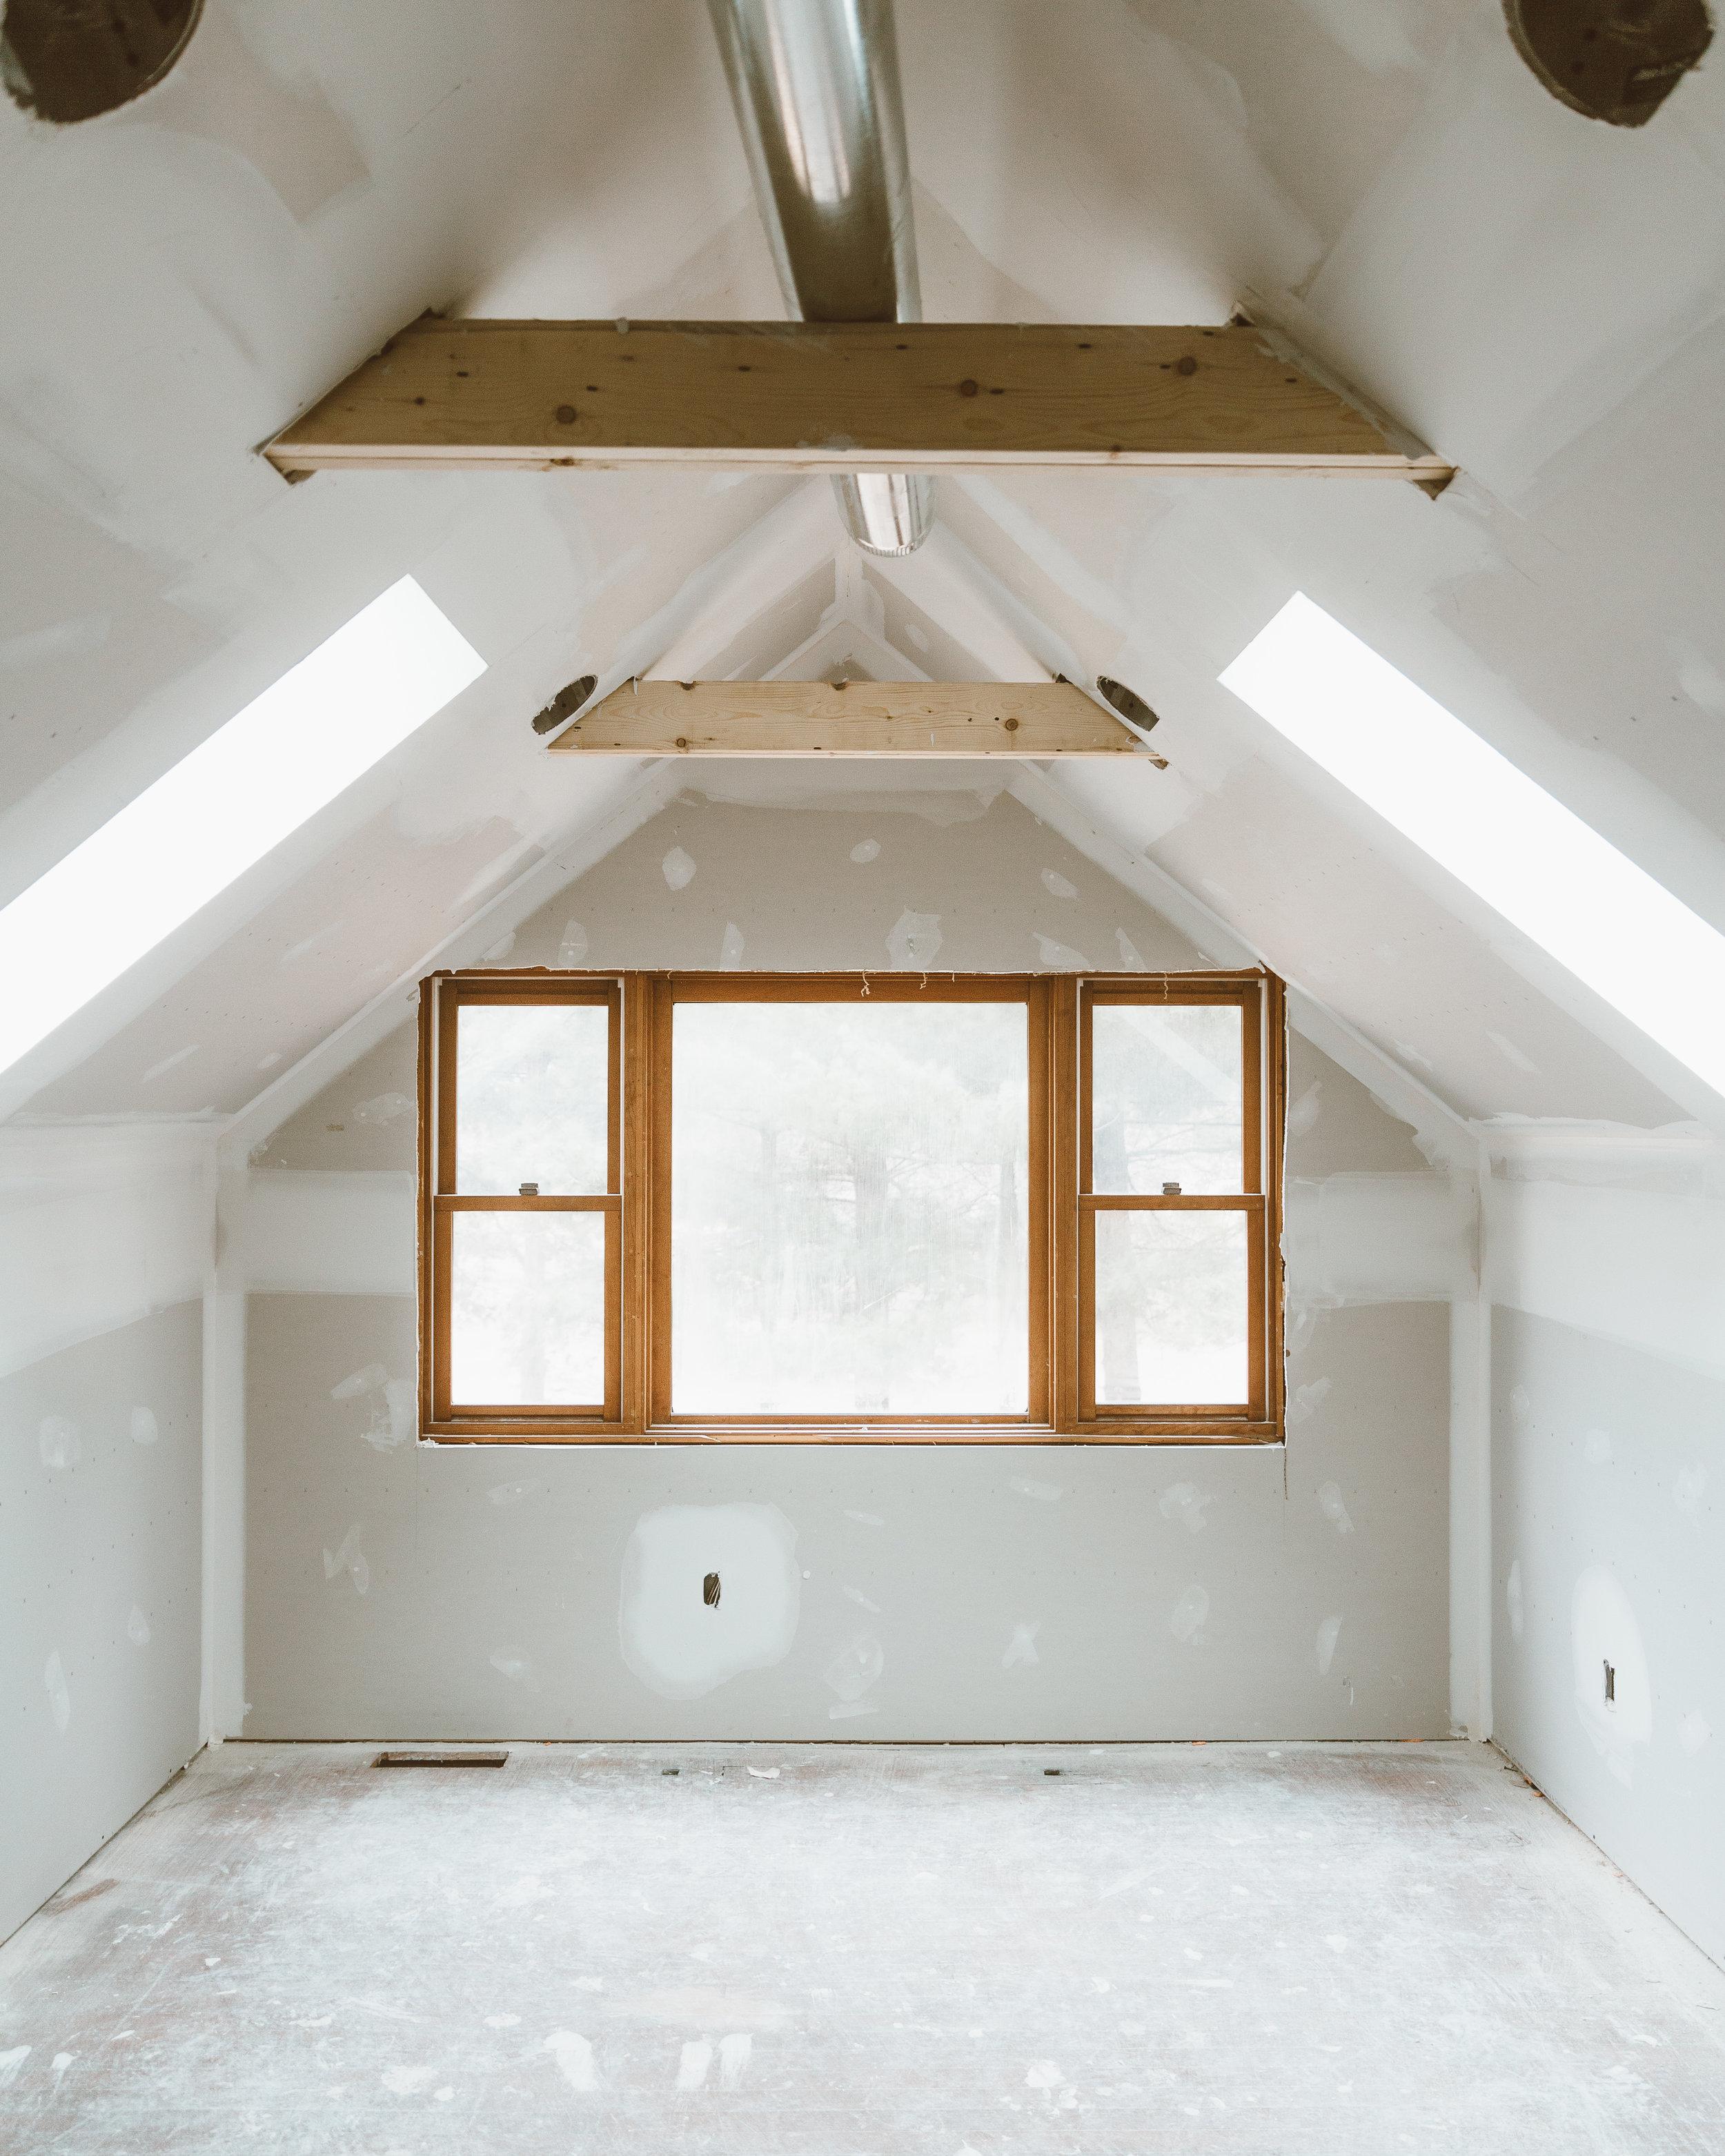 forthehome-renovation-drywall0010.jpeg